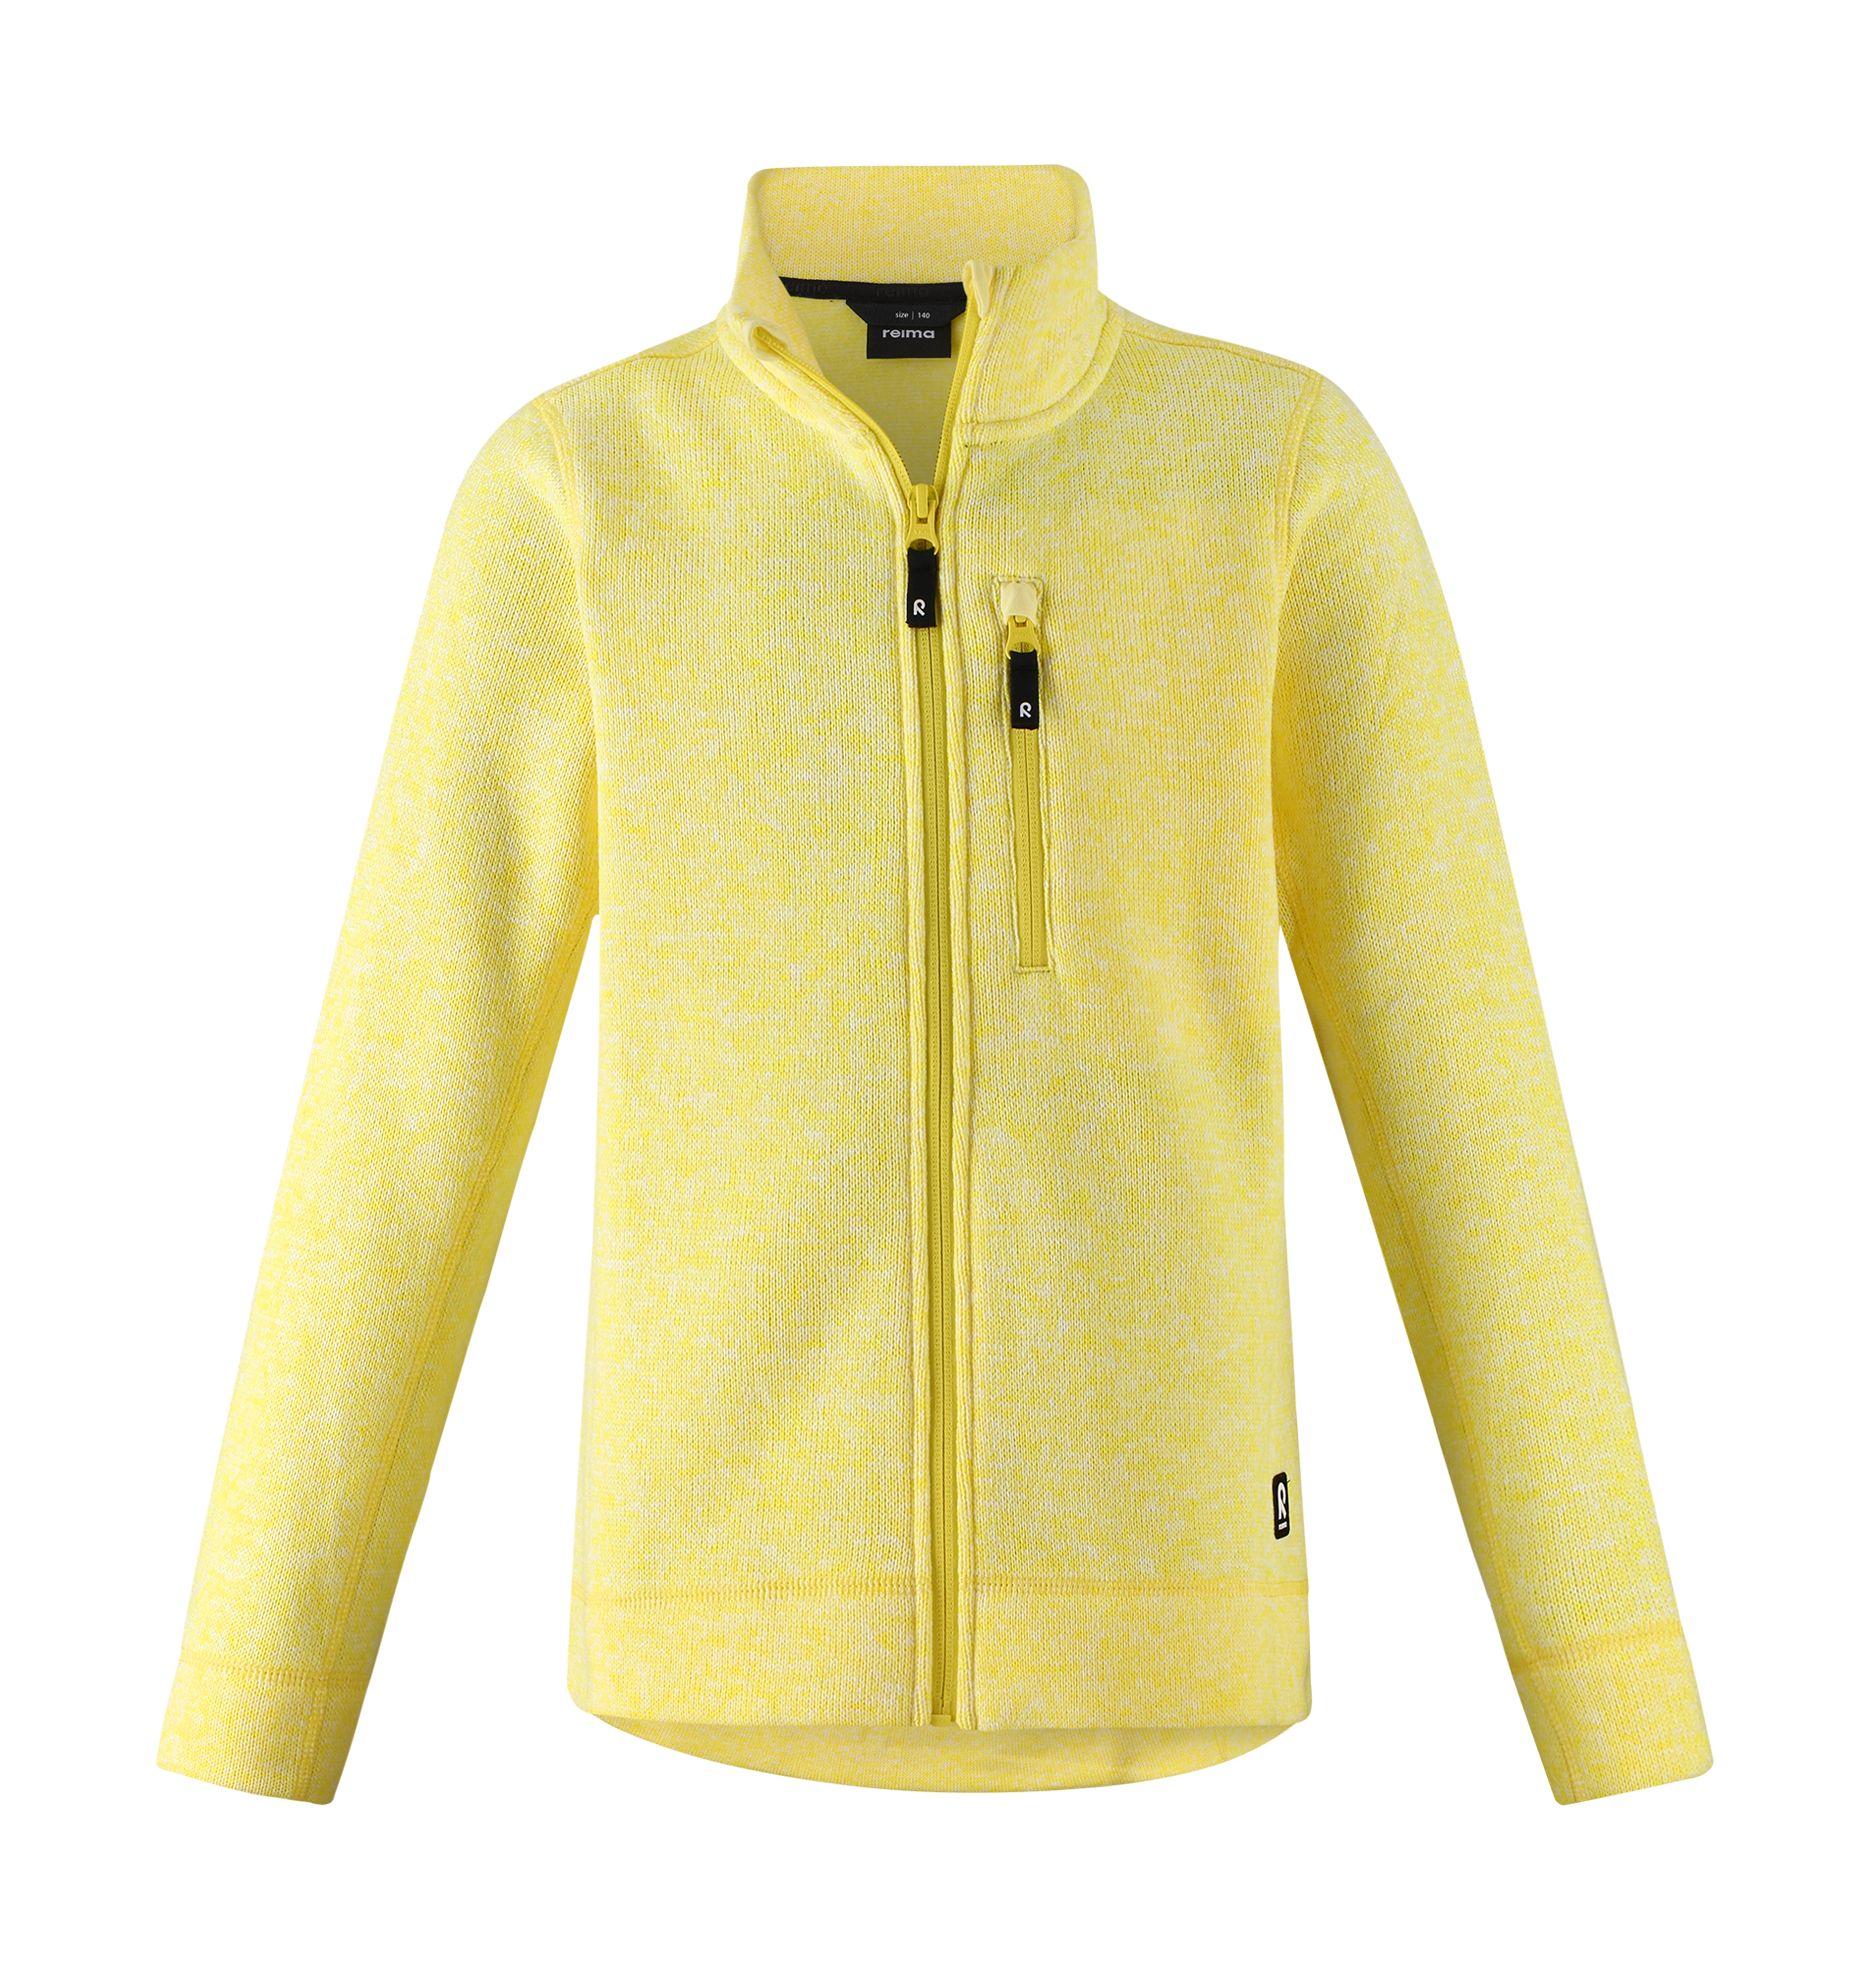 REIMA Maaret Lemon Yellow 164